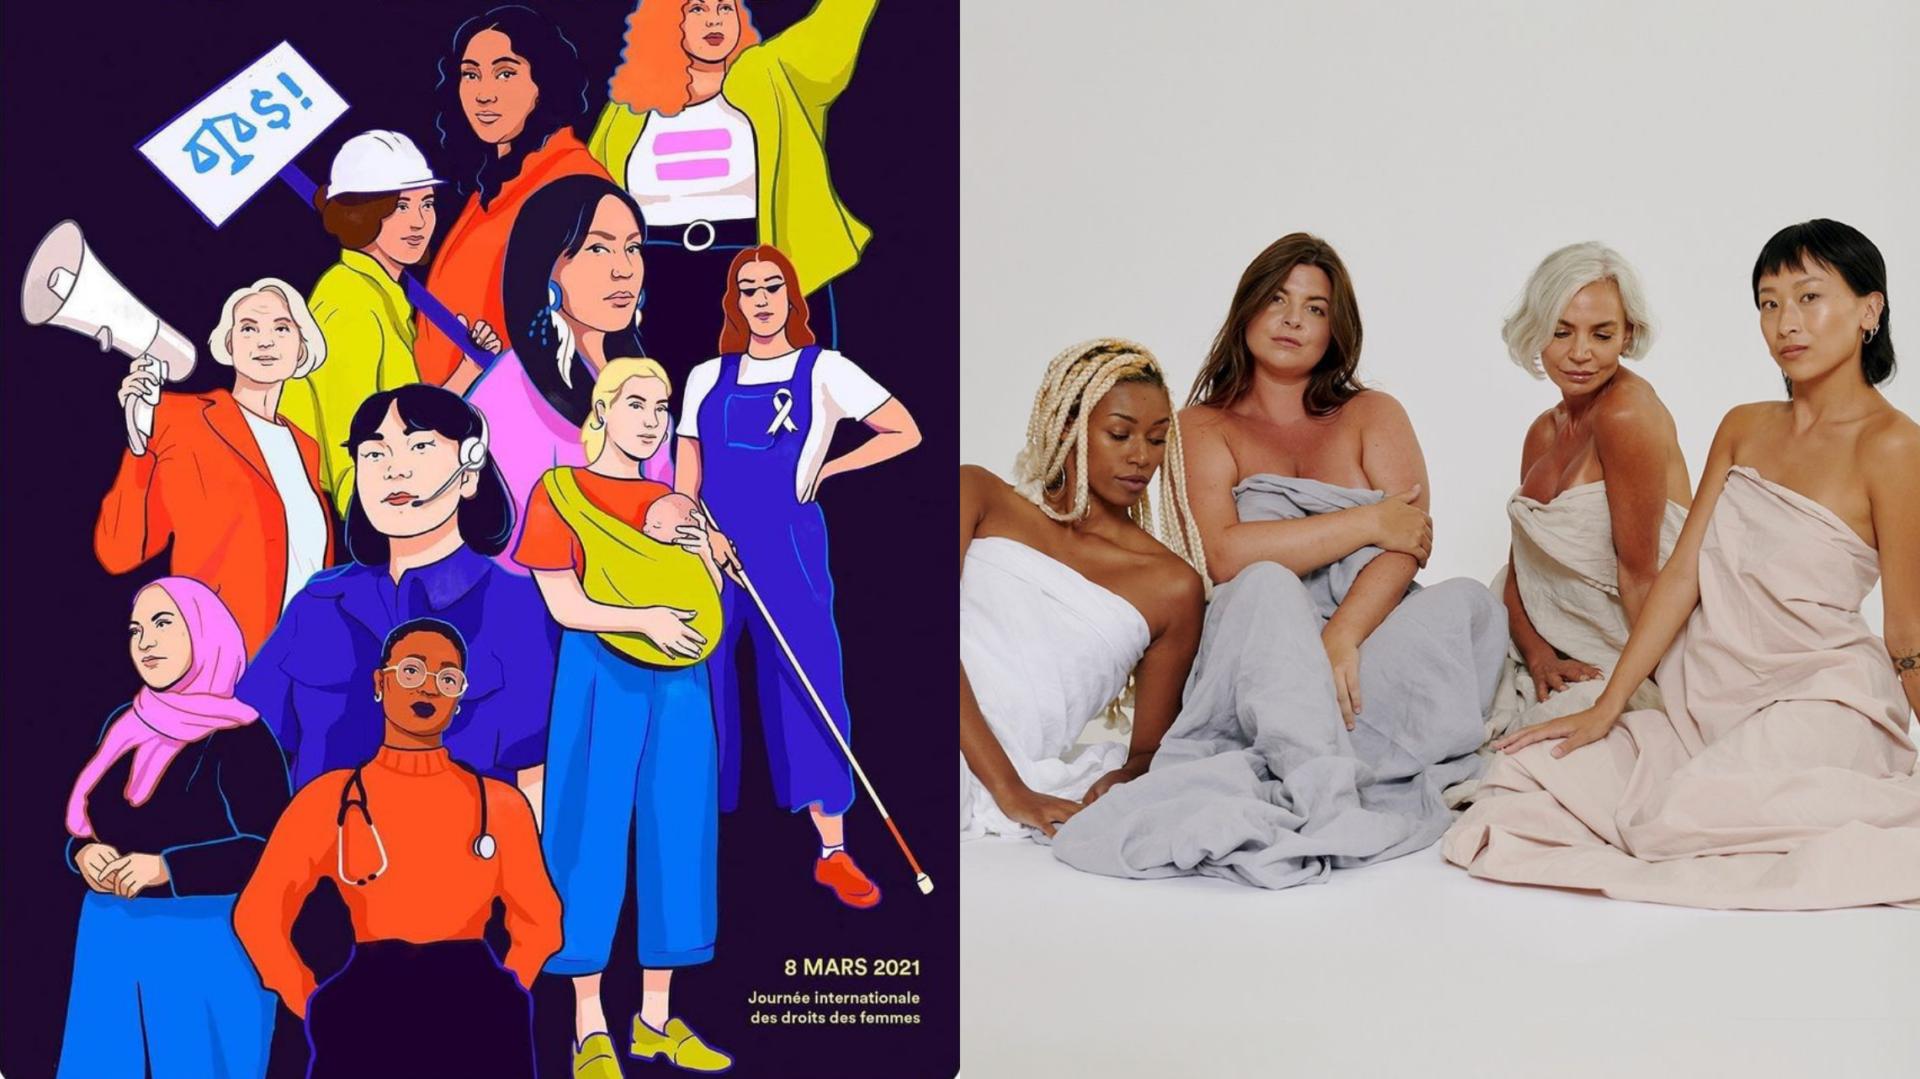 Voici 7 femmes d'ici absolument inspirantes que vous ne connaissez peut-être pas!